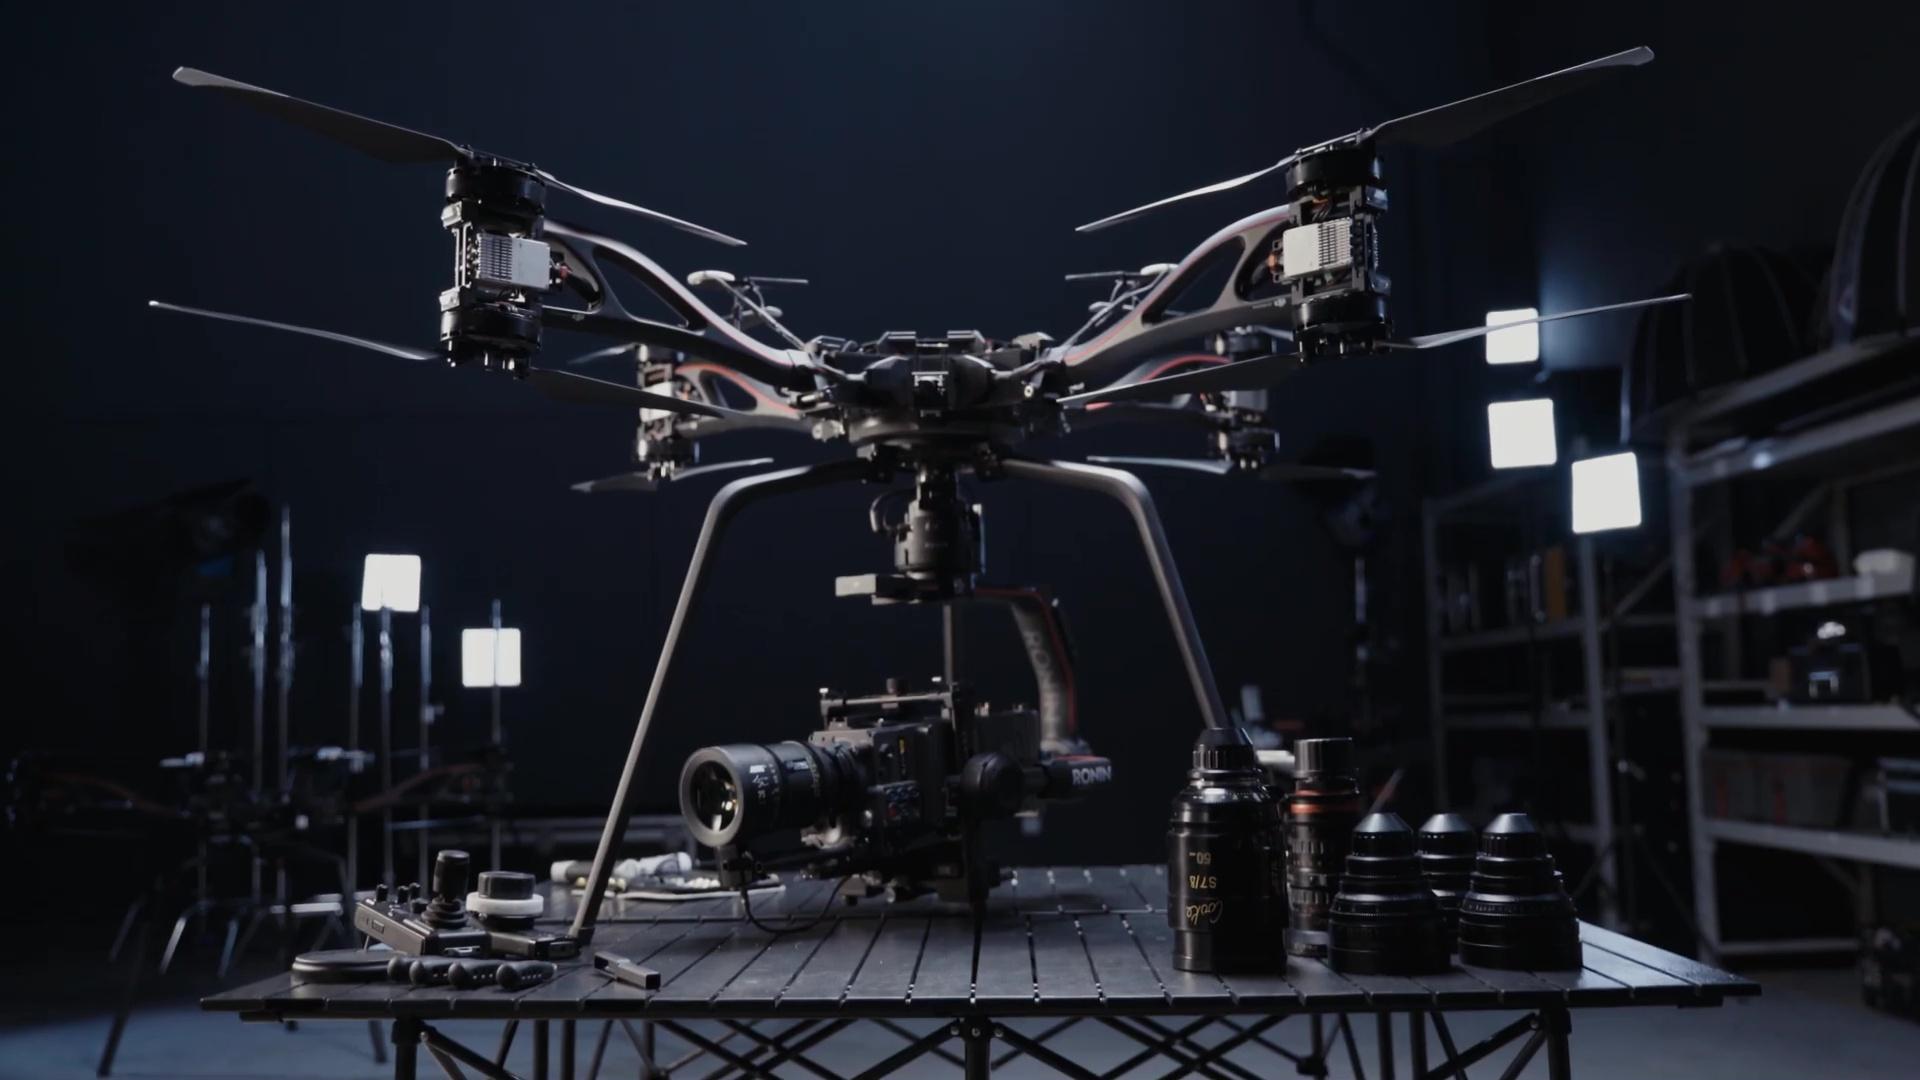 DJI STORM - Plataforma aérea de alta capacidad de carga, por DJI Studio